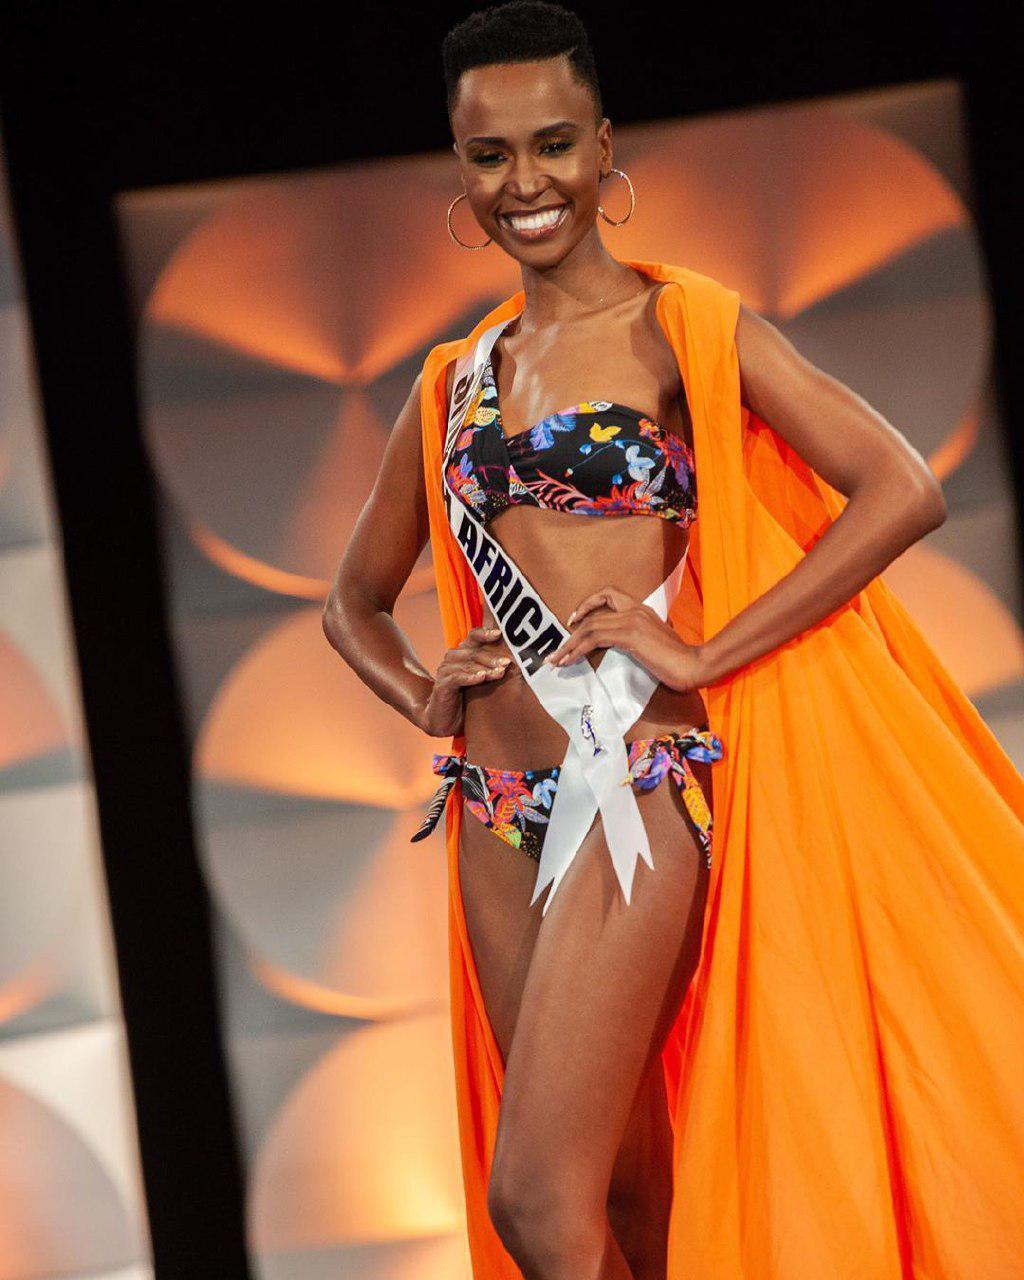 Победительница Мисс Вселенная 2019 - Зозибини Тунзи